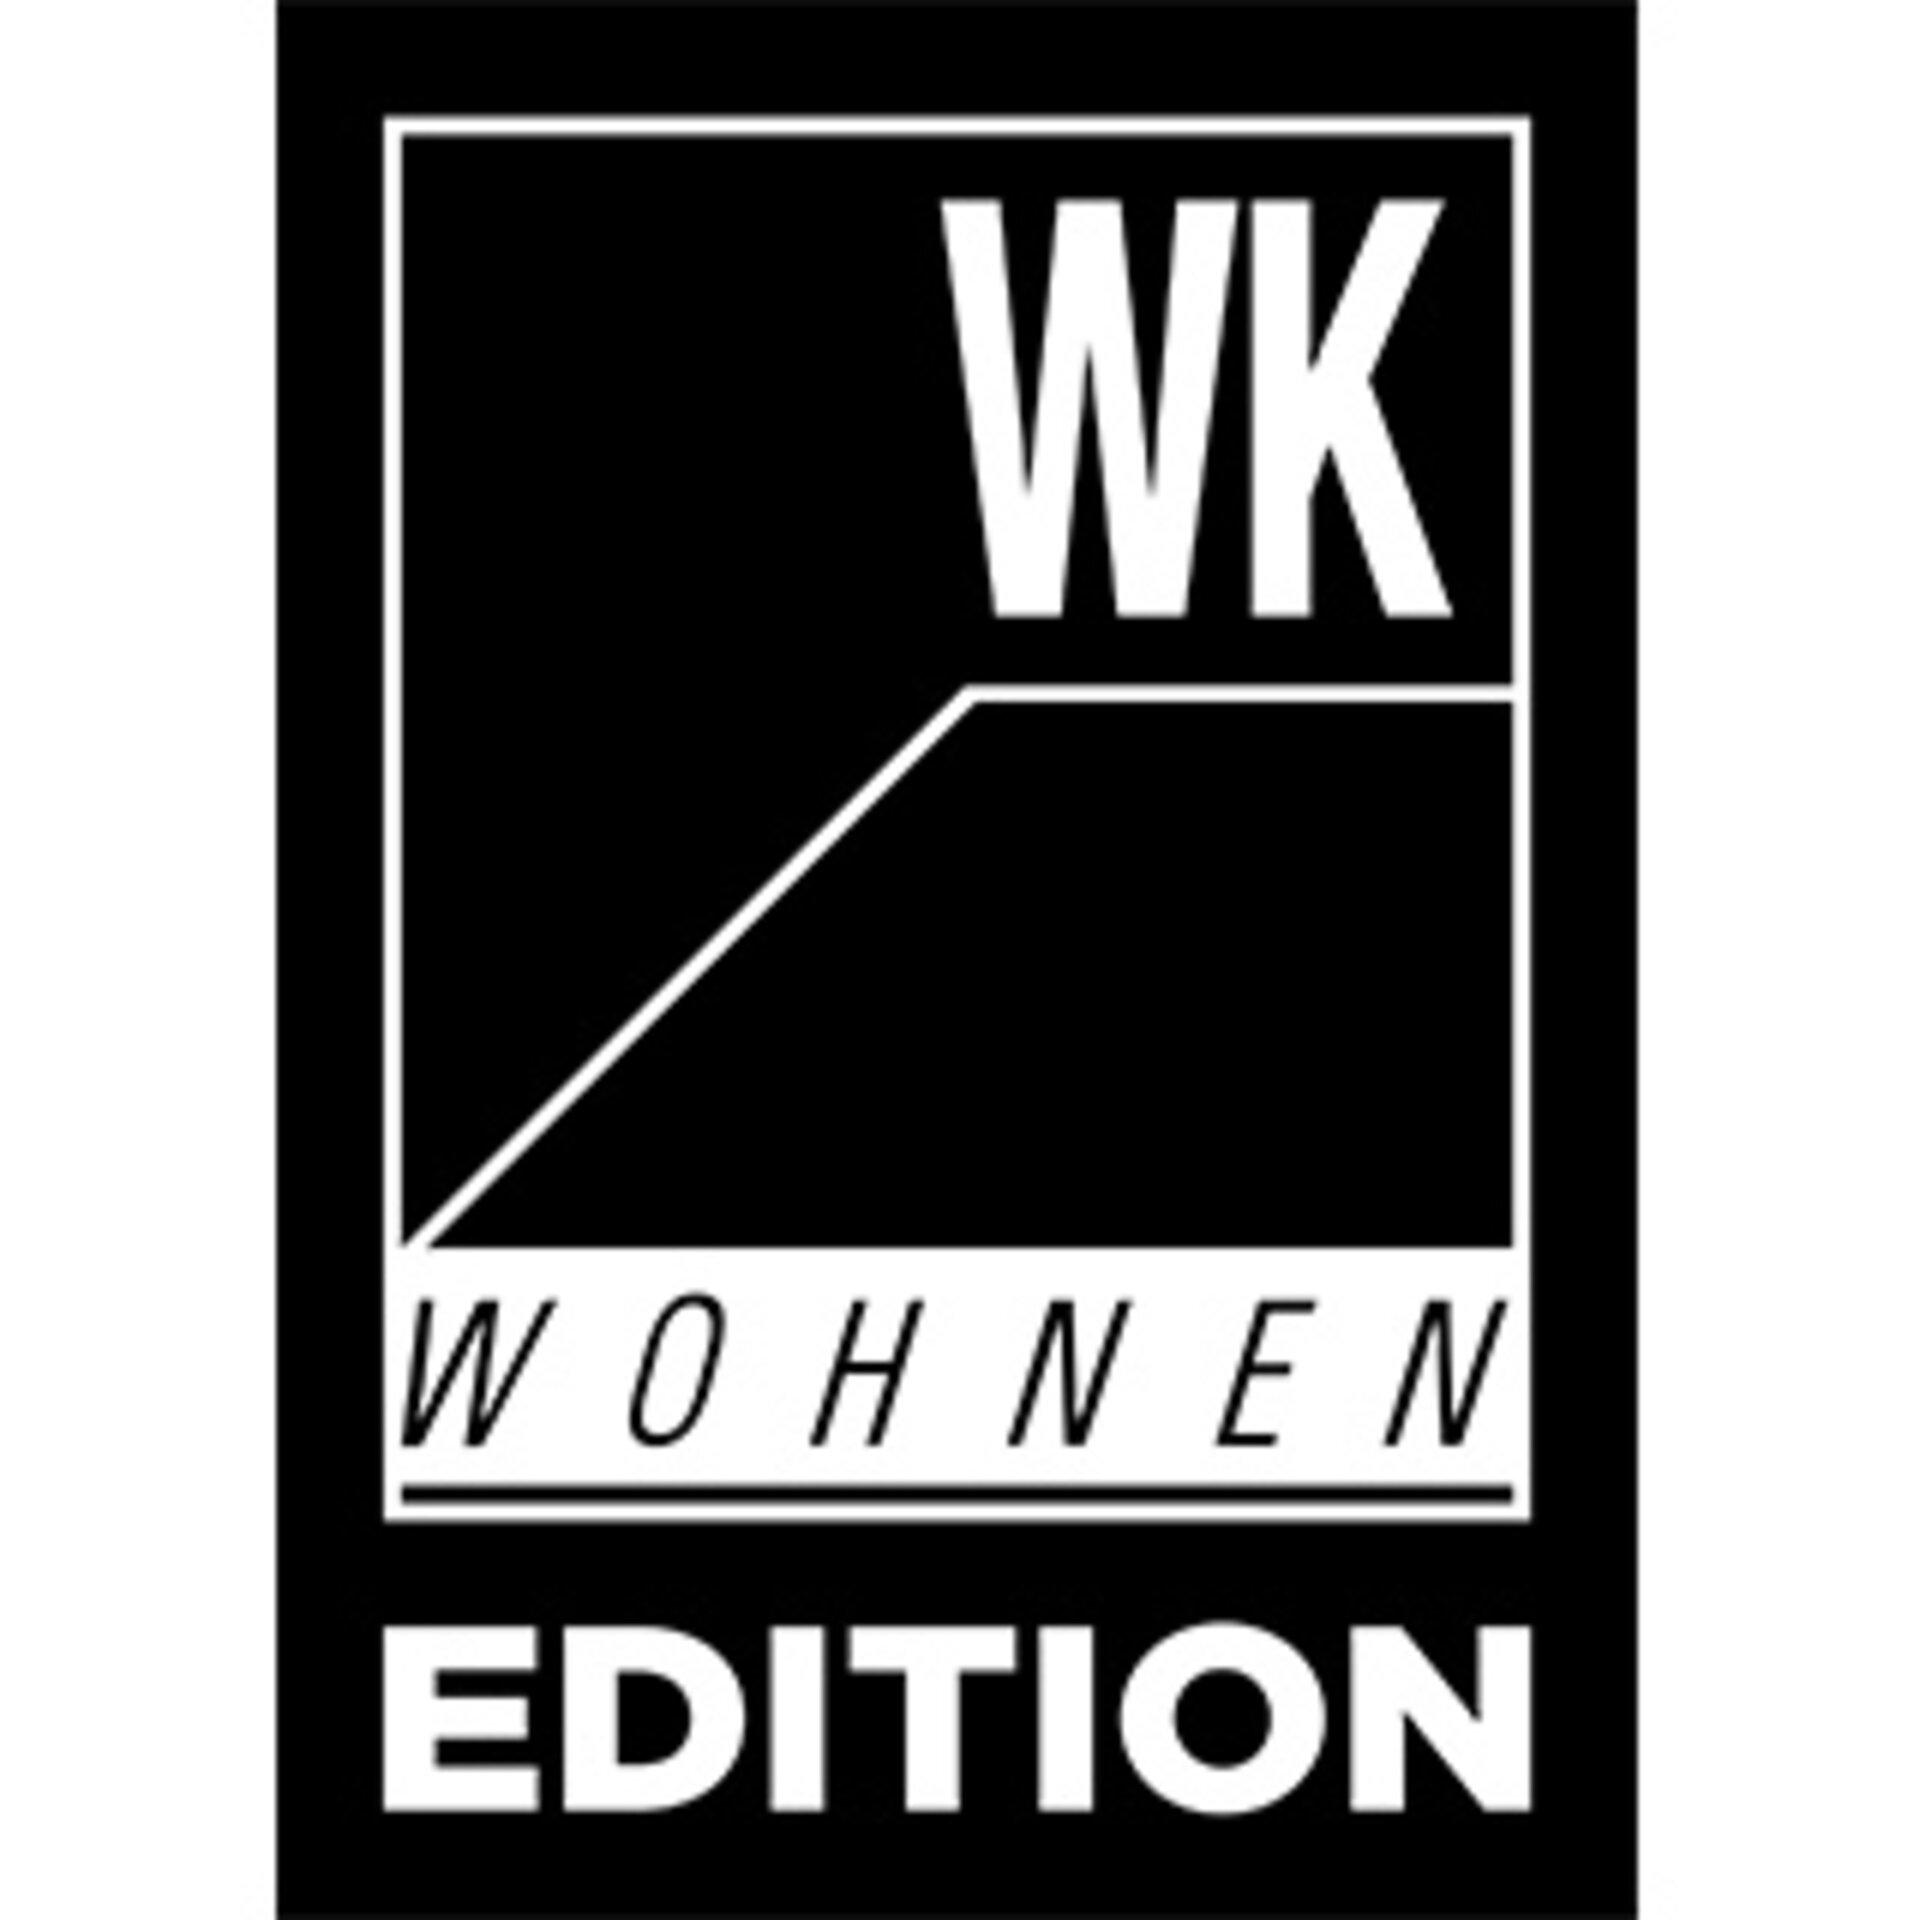 WK Wohnen Edition